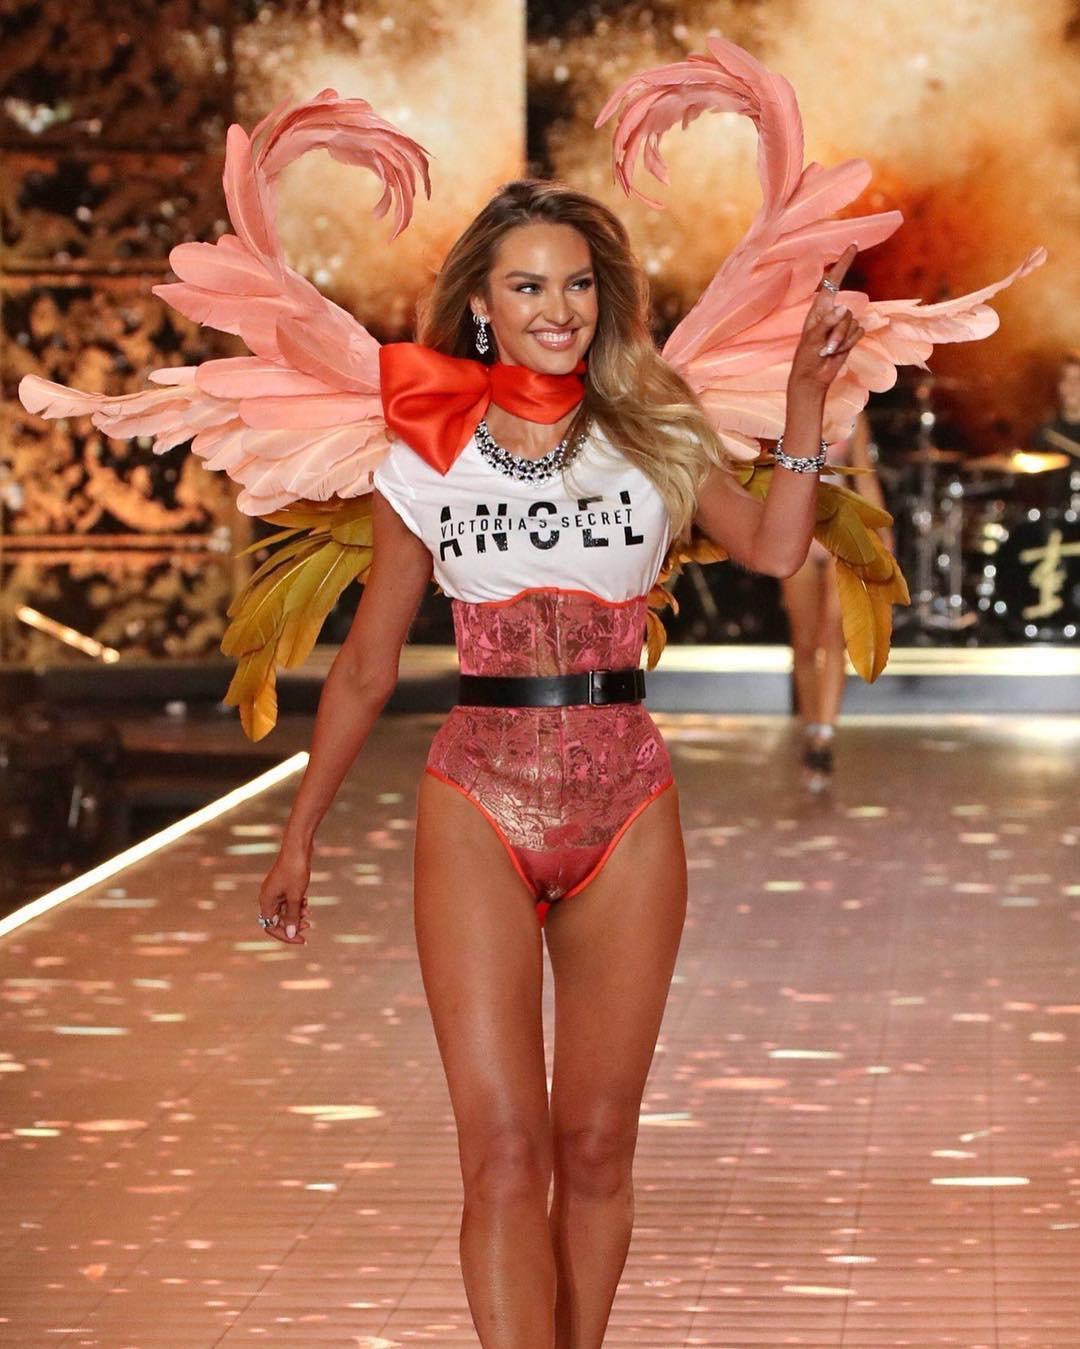 Thiên thần Victoria's Secret xinh đẹp nhất - Candice Swanapoel mở màn BST Flights of Fantasy. Ảnh: Pinterest